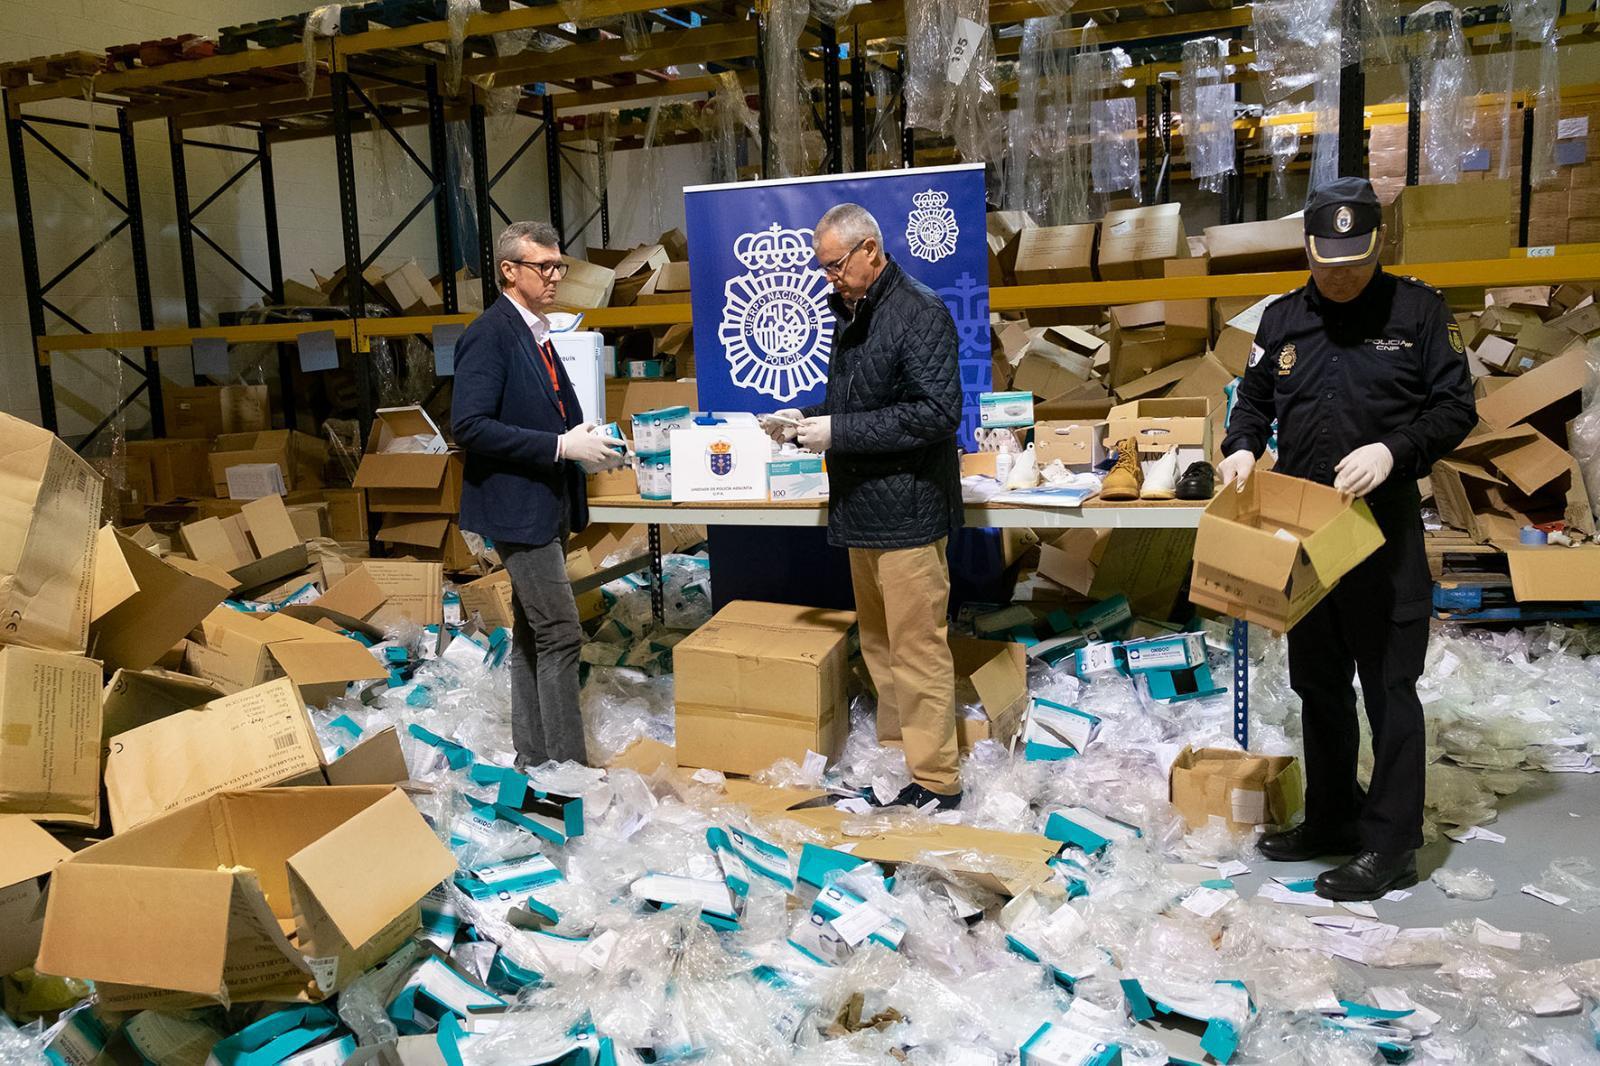 สเปน จับนักธุรกิจขโมยหน้ากาก 2 ล้านชิ้น ส่งขายโปรตุเกส